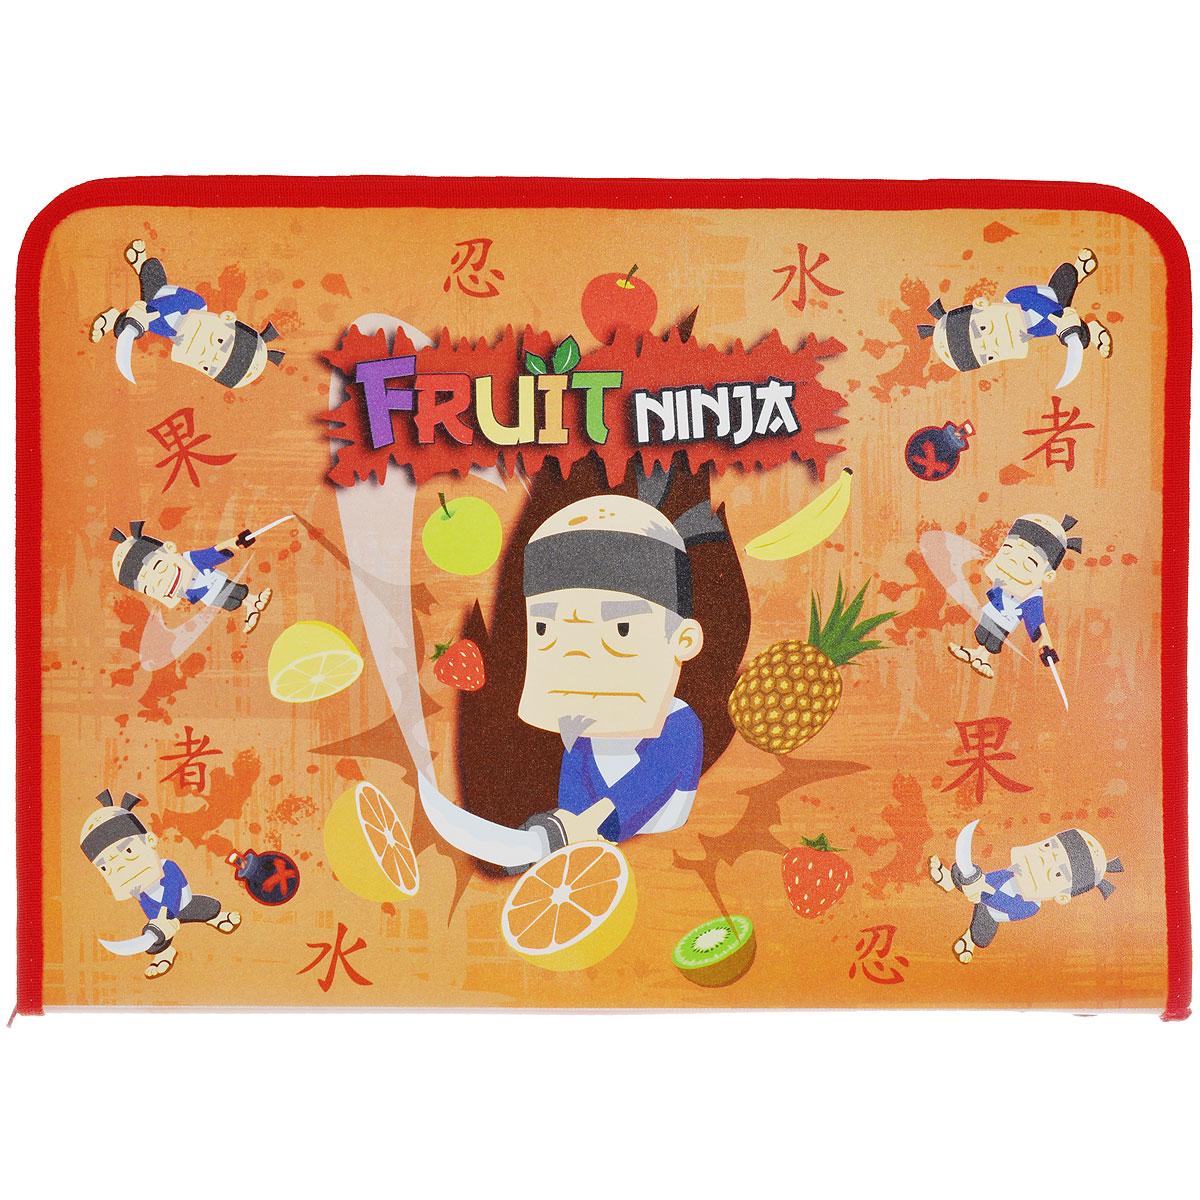 Папка для труда Action! Fruit Ninja, цвет: оранжевый611308Папка для труда Action! Fruit Ninja предназначена для хранения тетрадей, рисунков и прочих бумаг, а также ручек, карандашей, ластиков и точилок. Папка оформлена изображением Фруктового Ниндзя. Внутри находится одно большое отделение с вкладышем, содержащим 11 фиксаторов для школьных принадлежностей. Закрывается папка на застежку-молнию.Яркая и удобная, такая папка непременно понравится вашему ребенку.